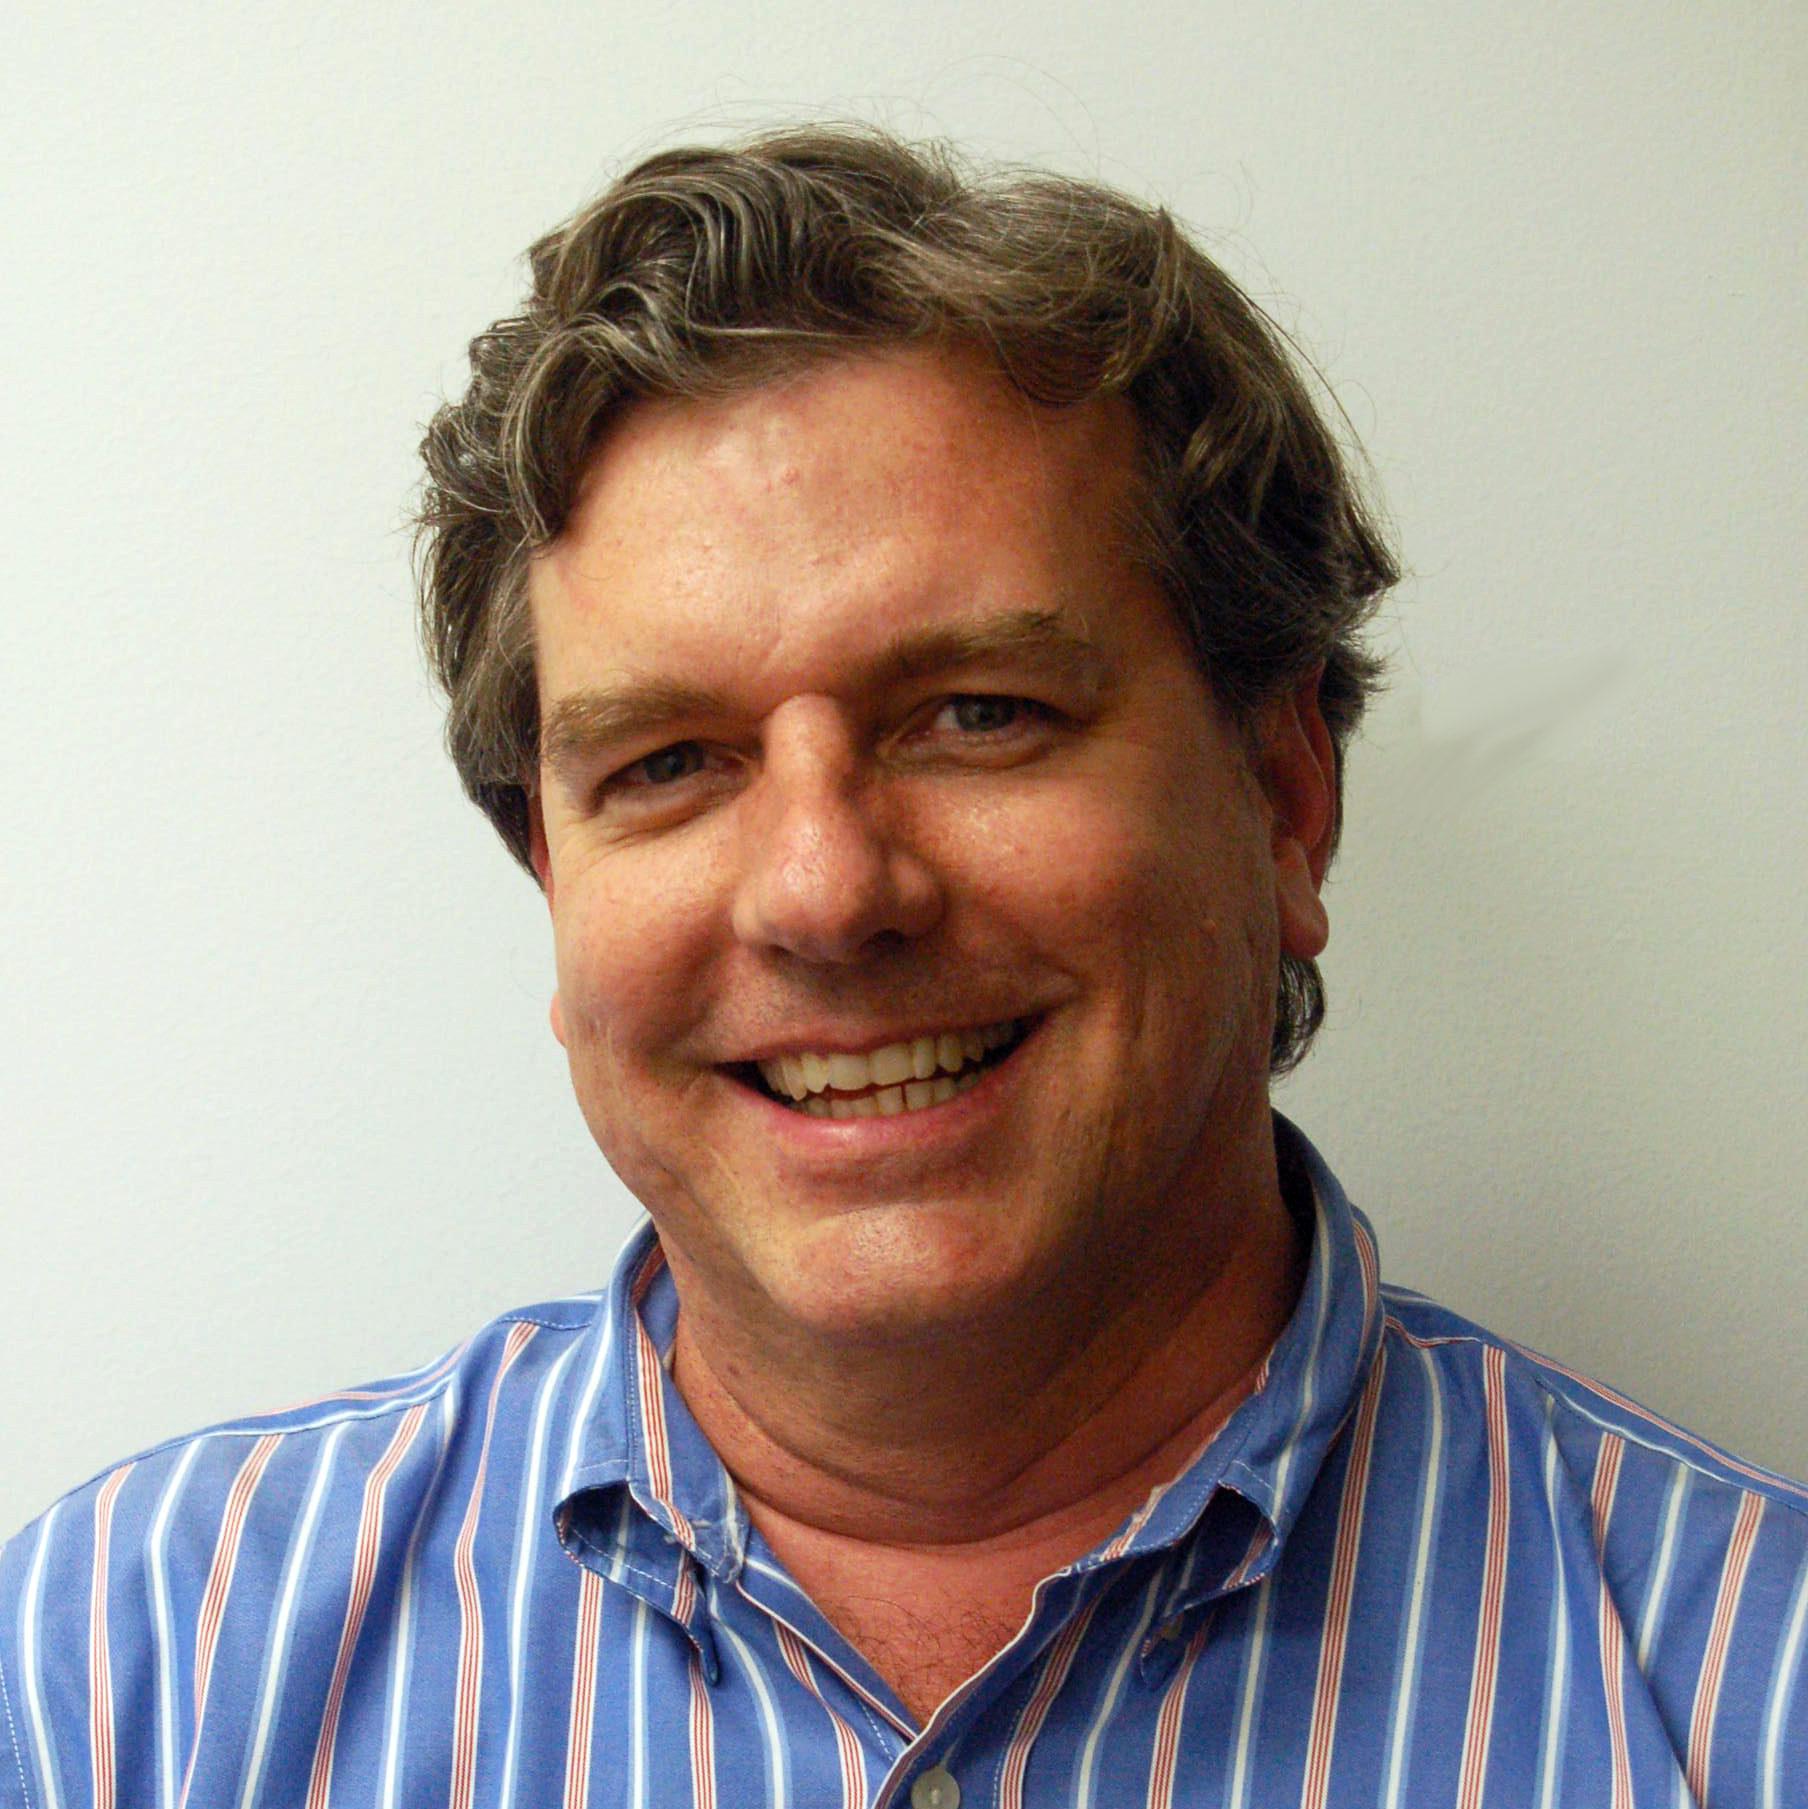 Peter McCartt